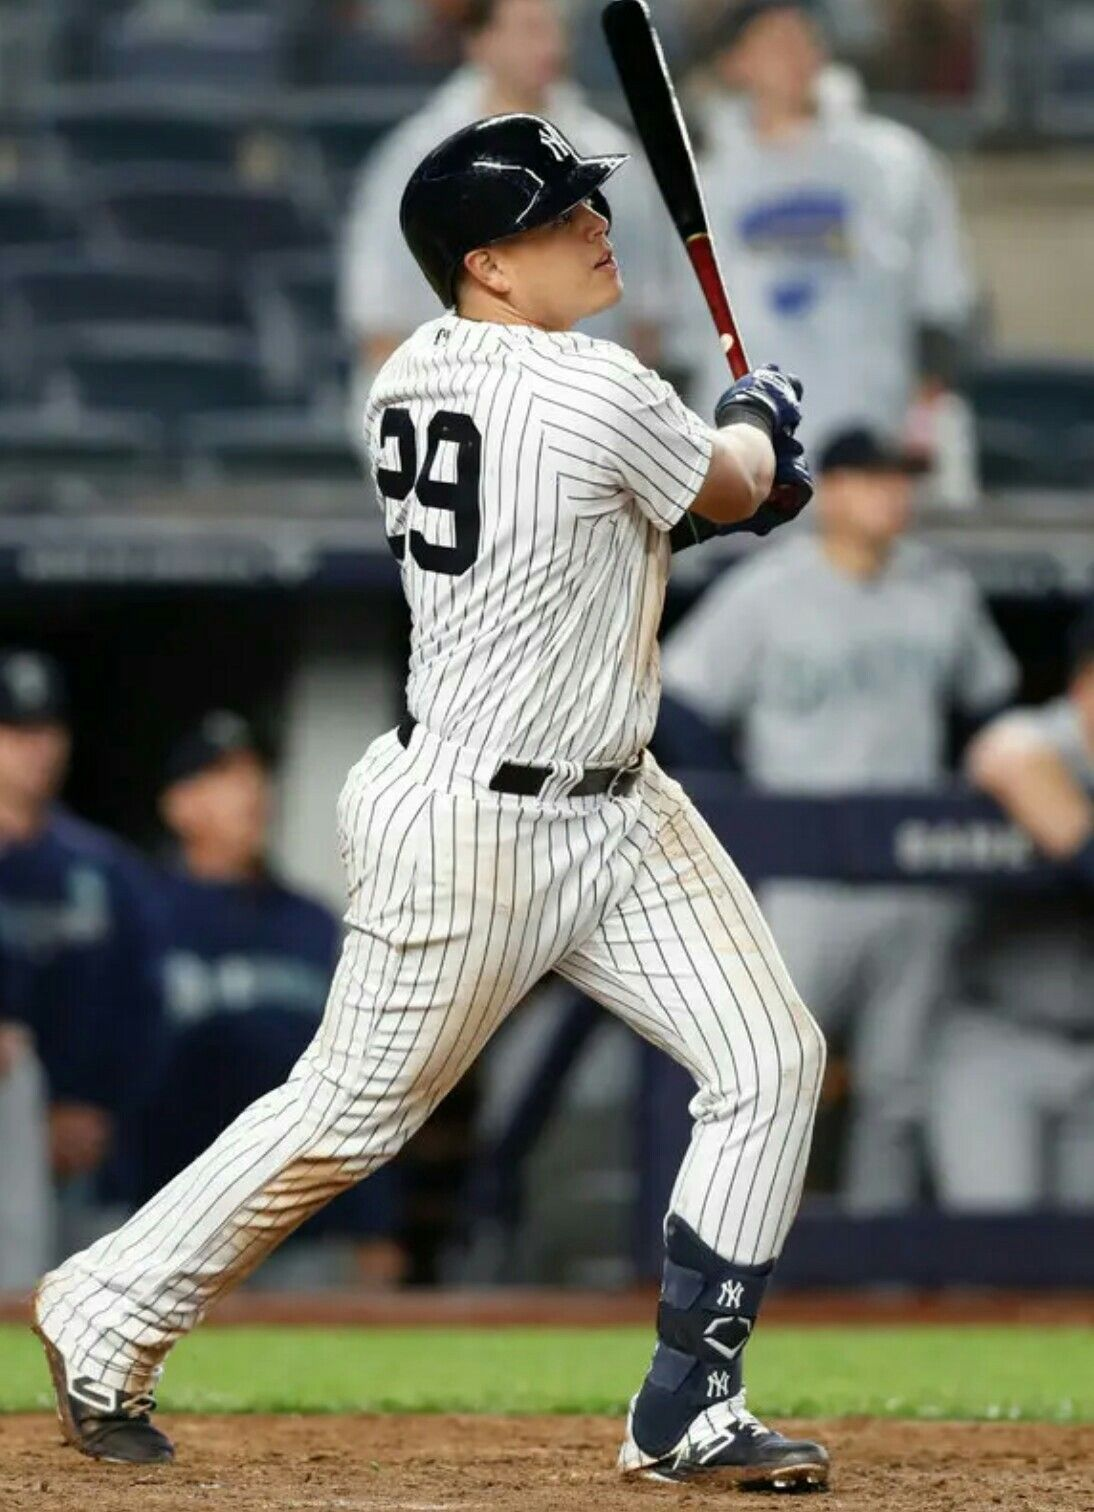 Gio Urshela Jugadores De Beisbol Yankees De Nueva York Deportes